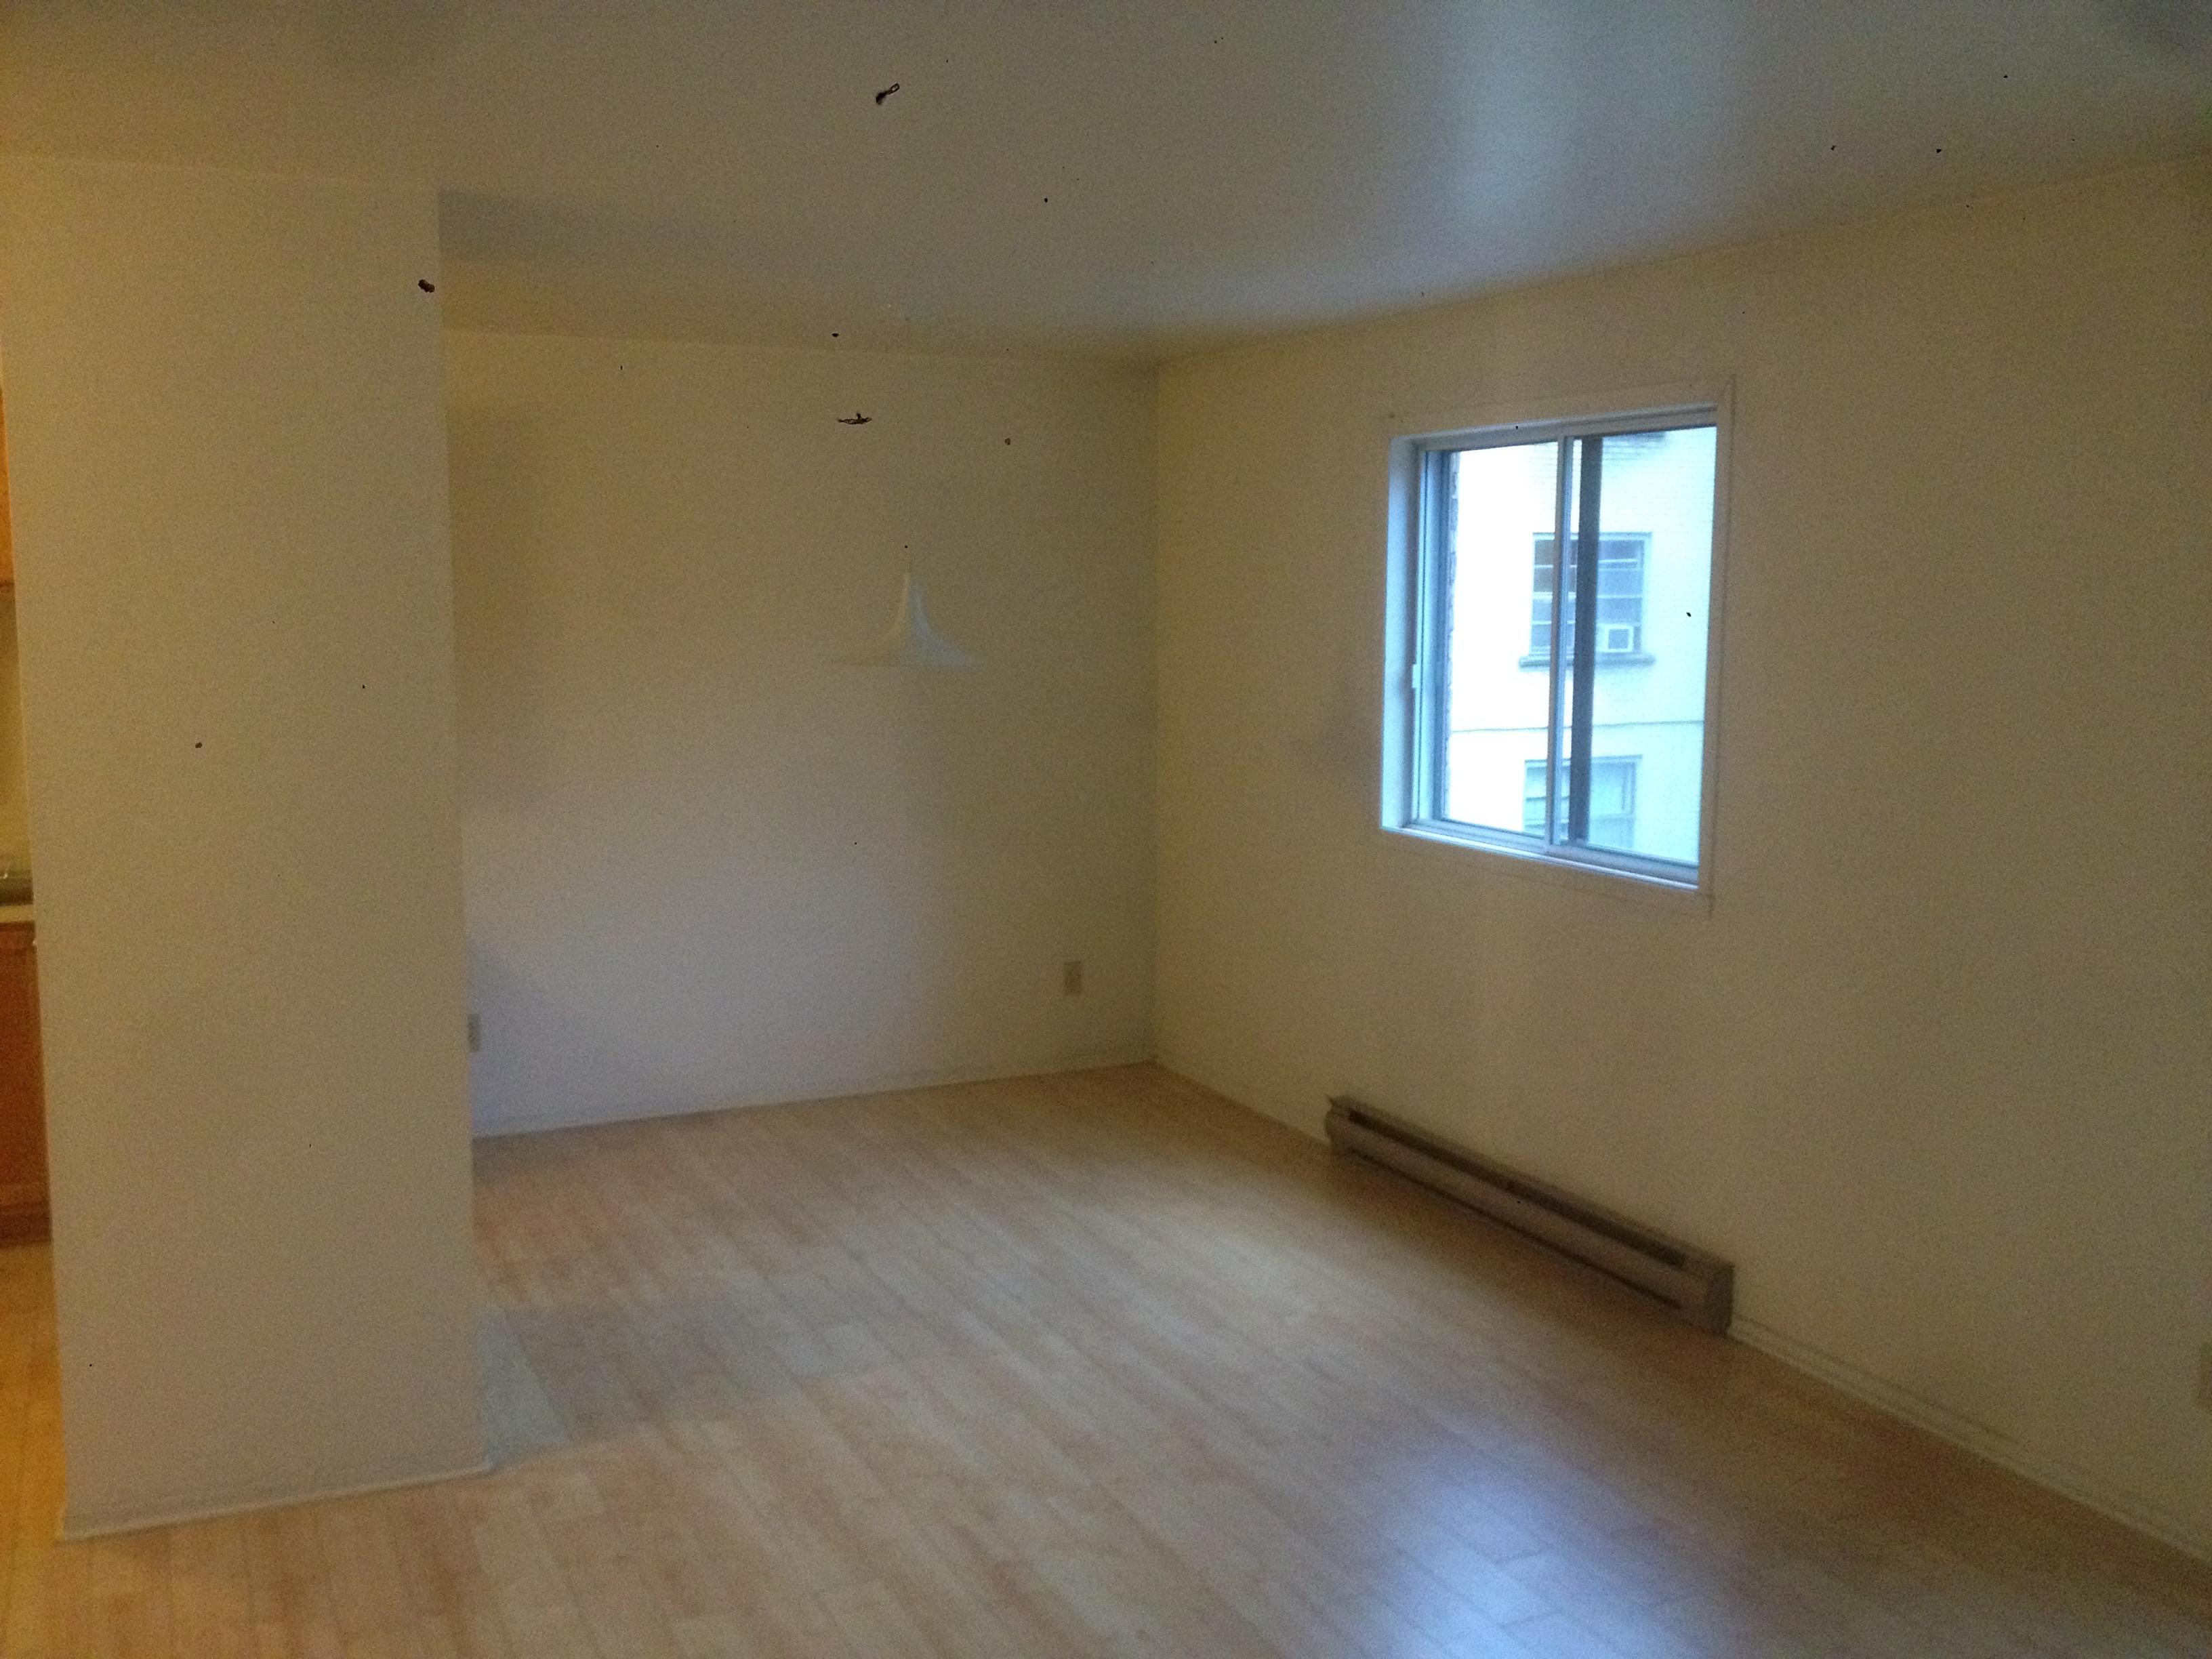 2 bedroom Apartments for rent in Sainte-Anne-de-Bellevue at Maple - Photo 01 - RentersPages – L112103